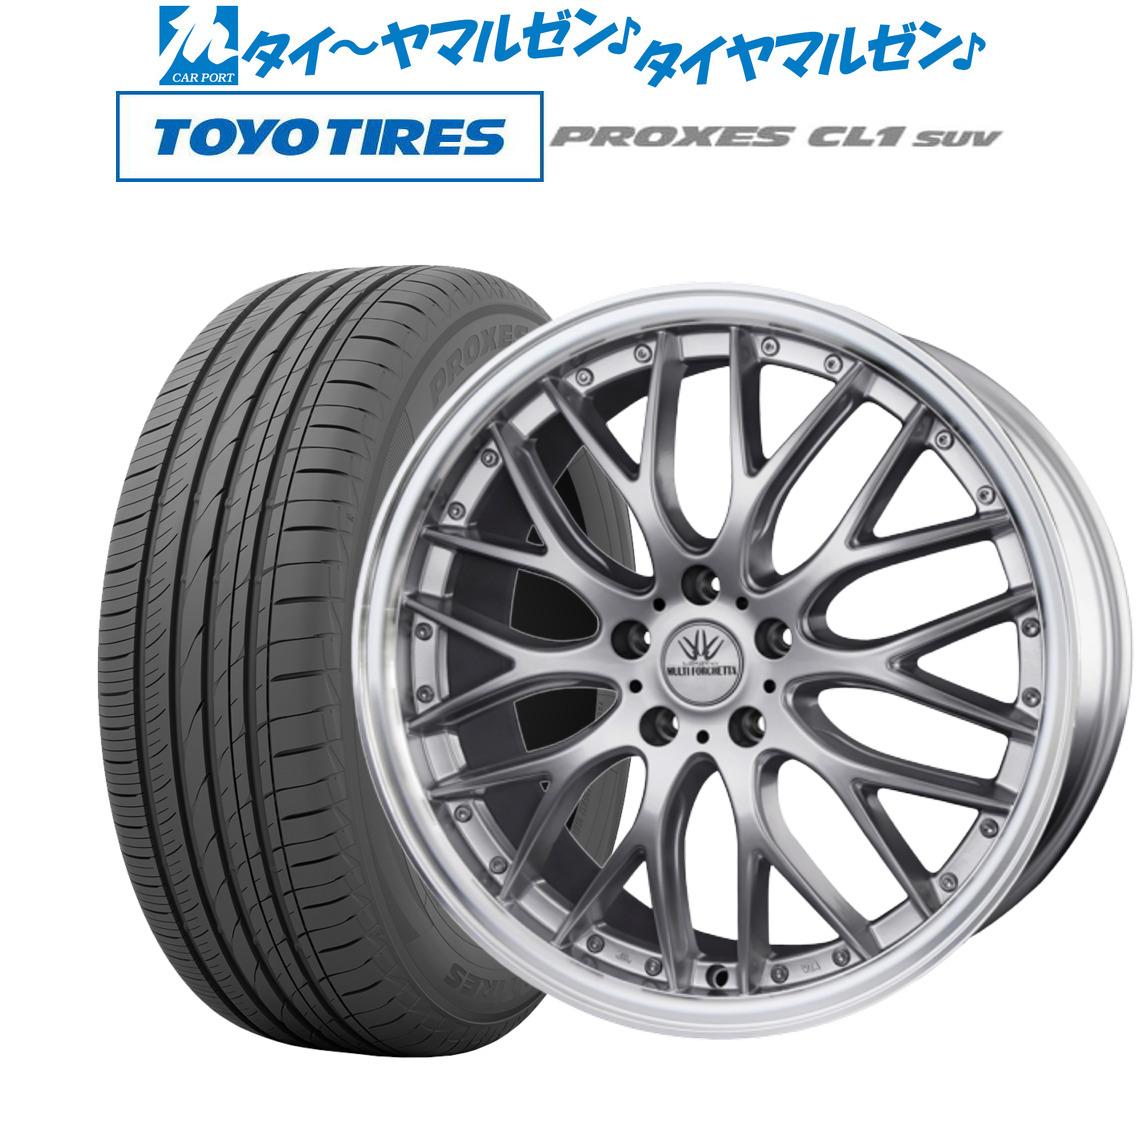 【メーカー直送】 新品 CL1・送料無料 SUV245/45R20・4本セットBADX ロクサーニ マルチフォルケッタハイパーシルバー/リムポリッシュ20インチ 8.0Jトーヨー プロクセス PROXES プロクセス CL1 SUV245/45R20 103W XL (数量限定), Slim Fit Gym:5a5b877e --- growyourleadgen.petramanos.com